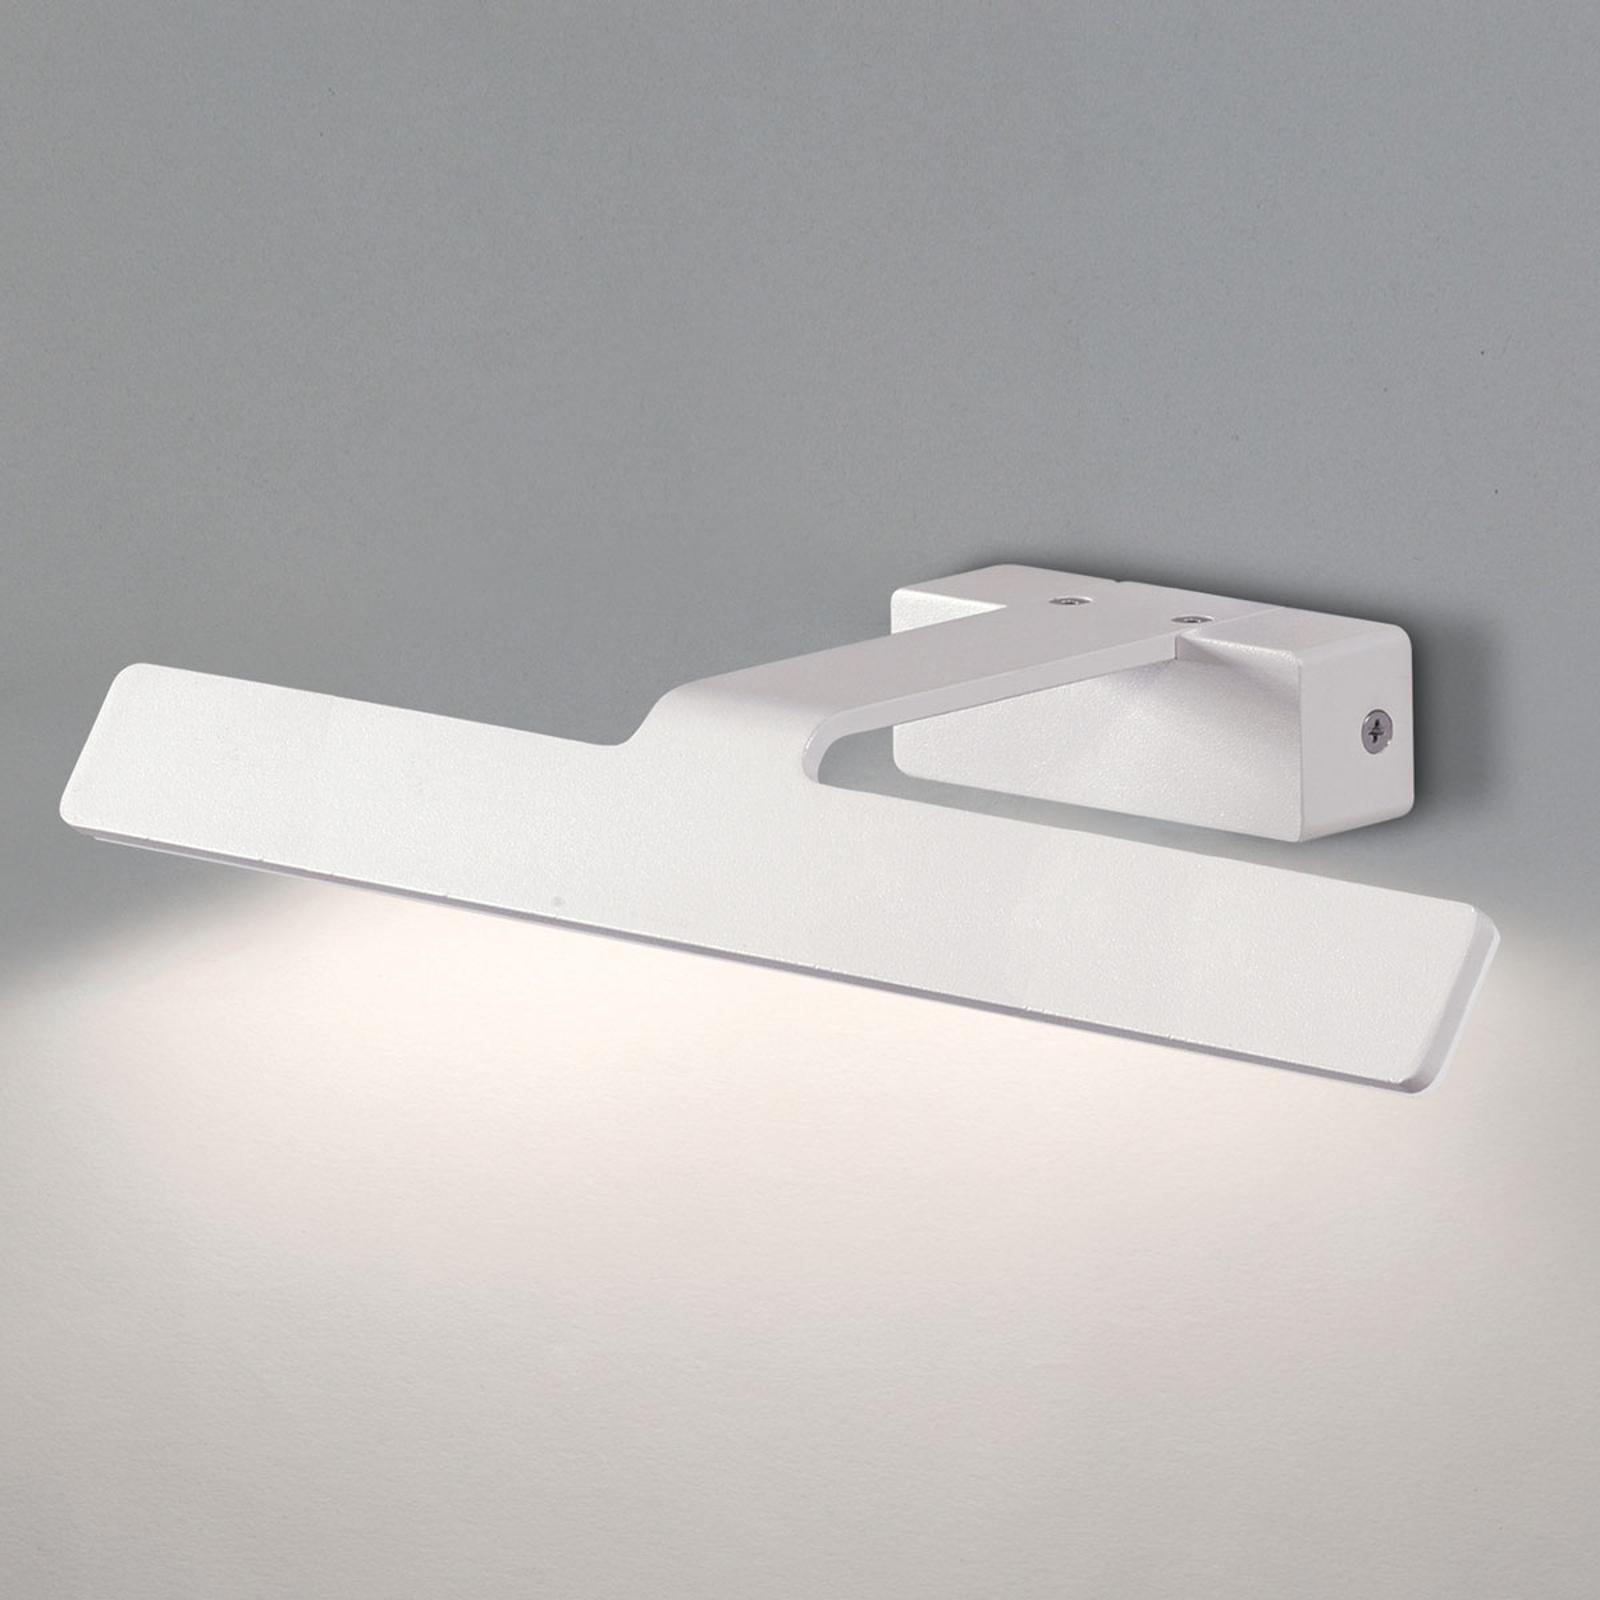 Weiße LED-Bilderleuchte Neus - 36 cm breit